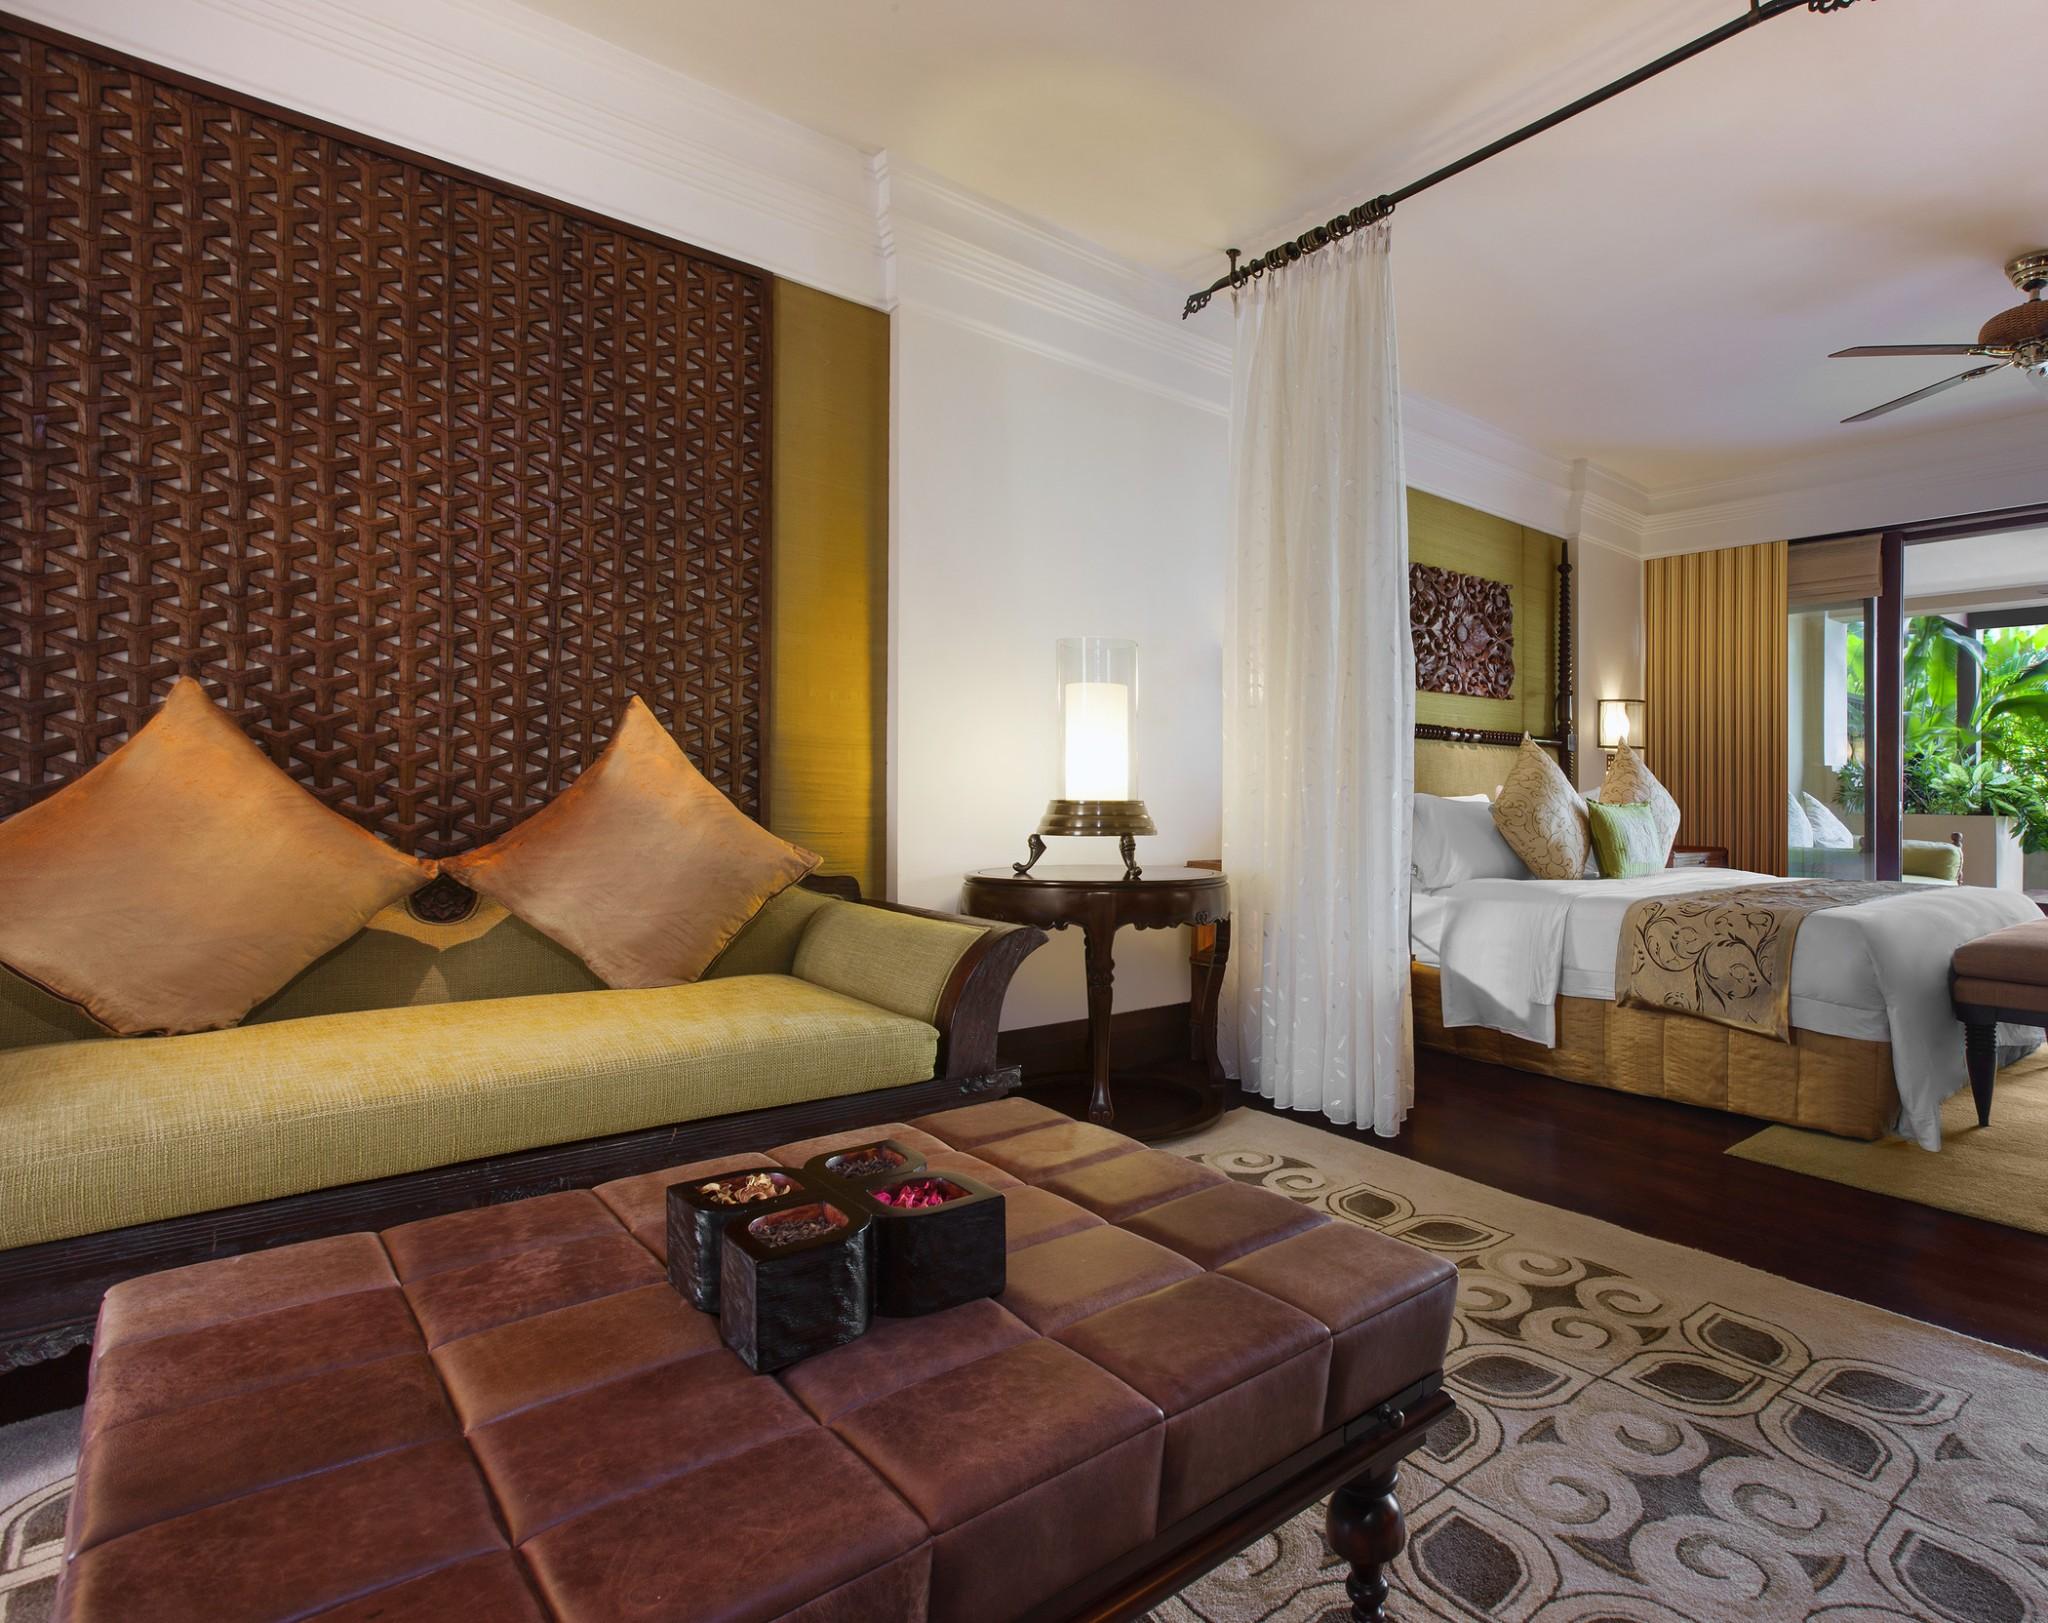 St Regis Suite - Guest Room